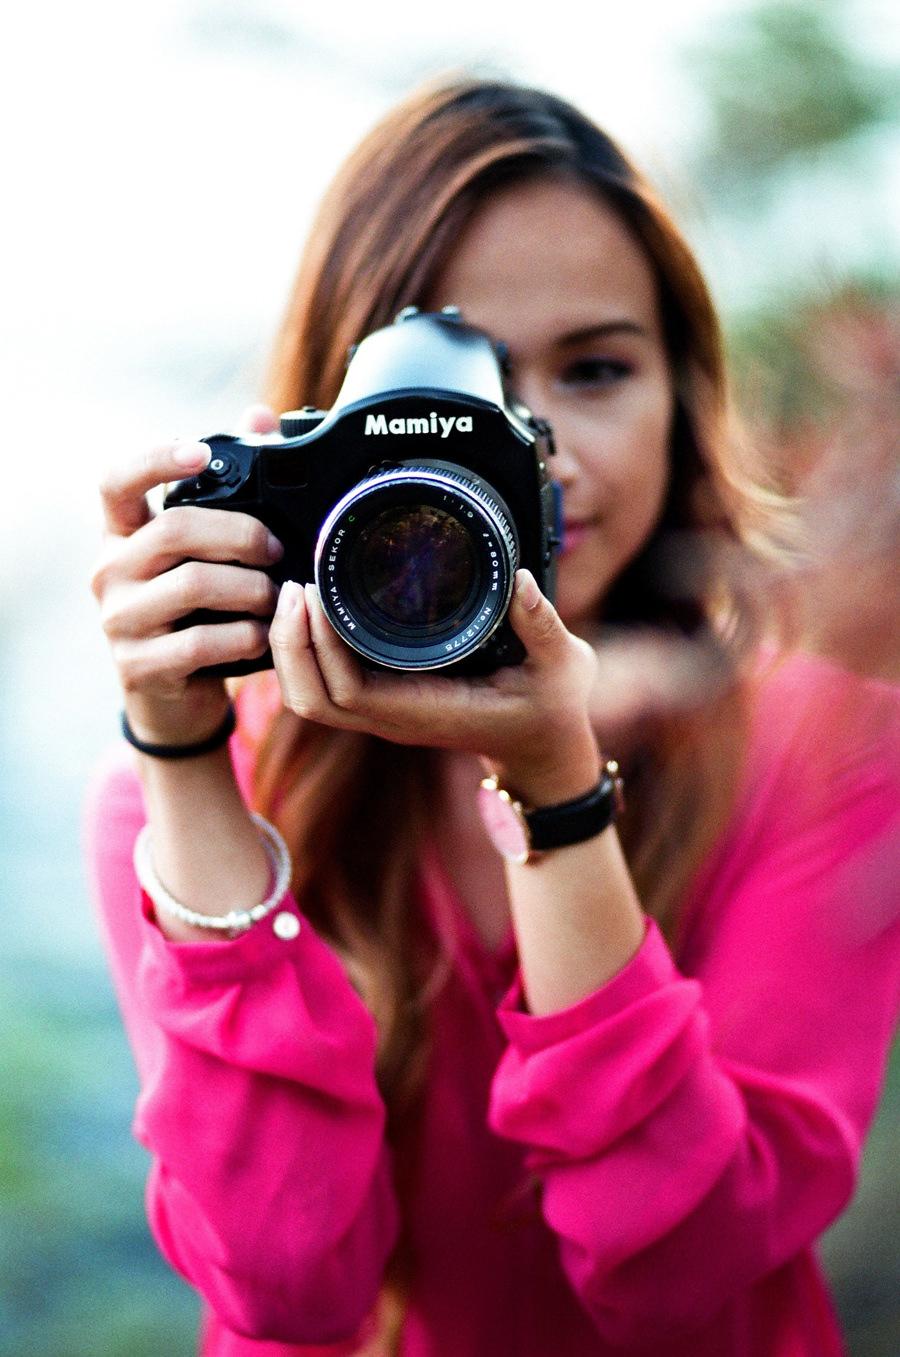 Vancouver Fashion Portrait Photographer